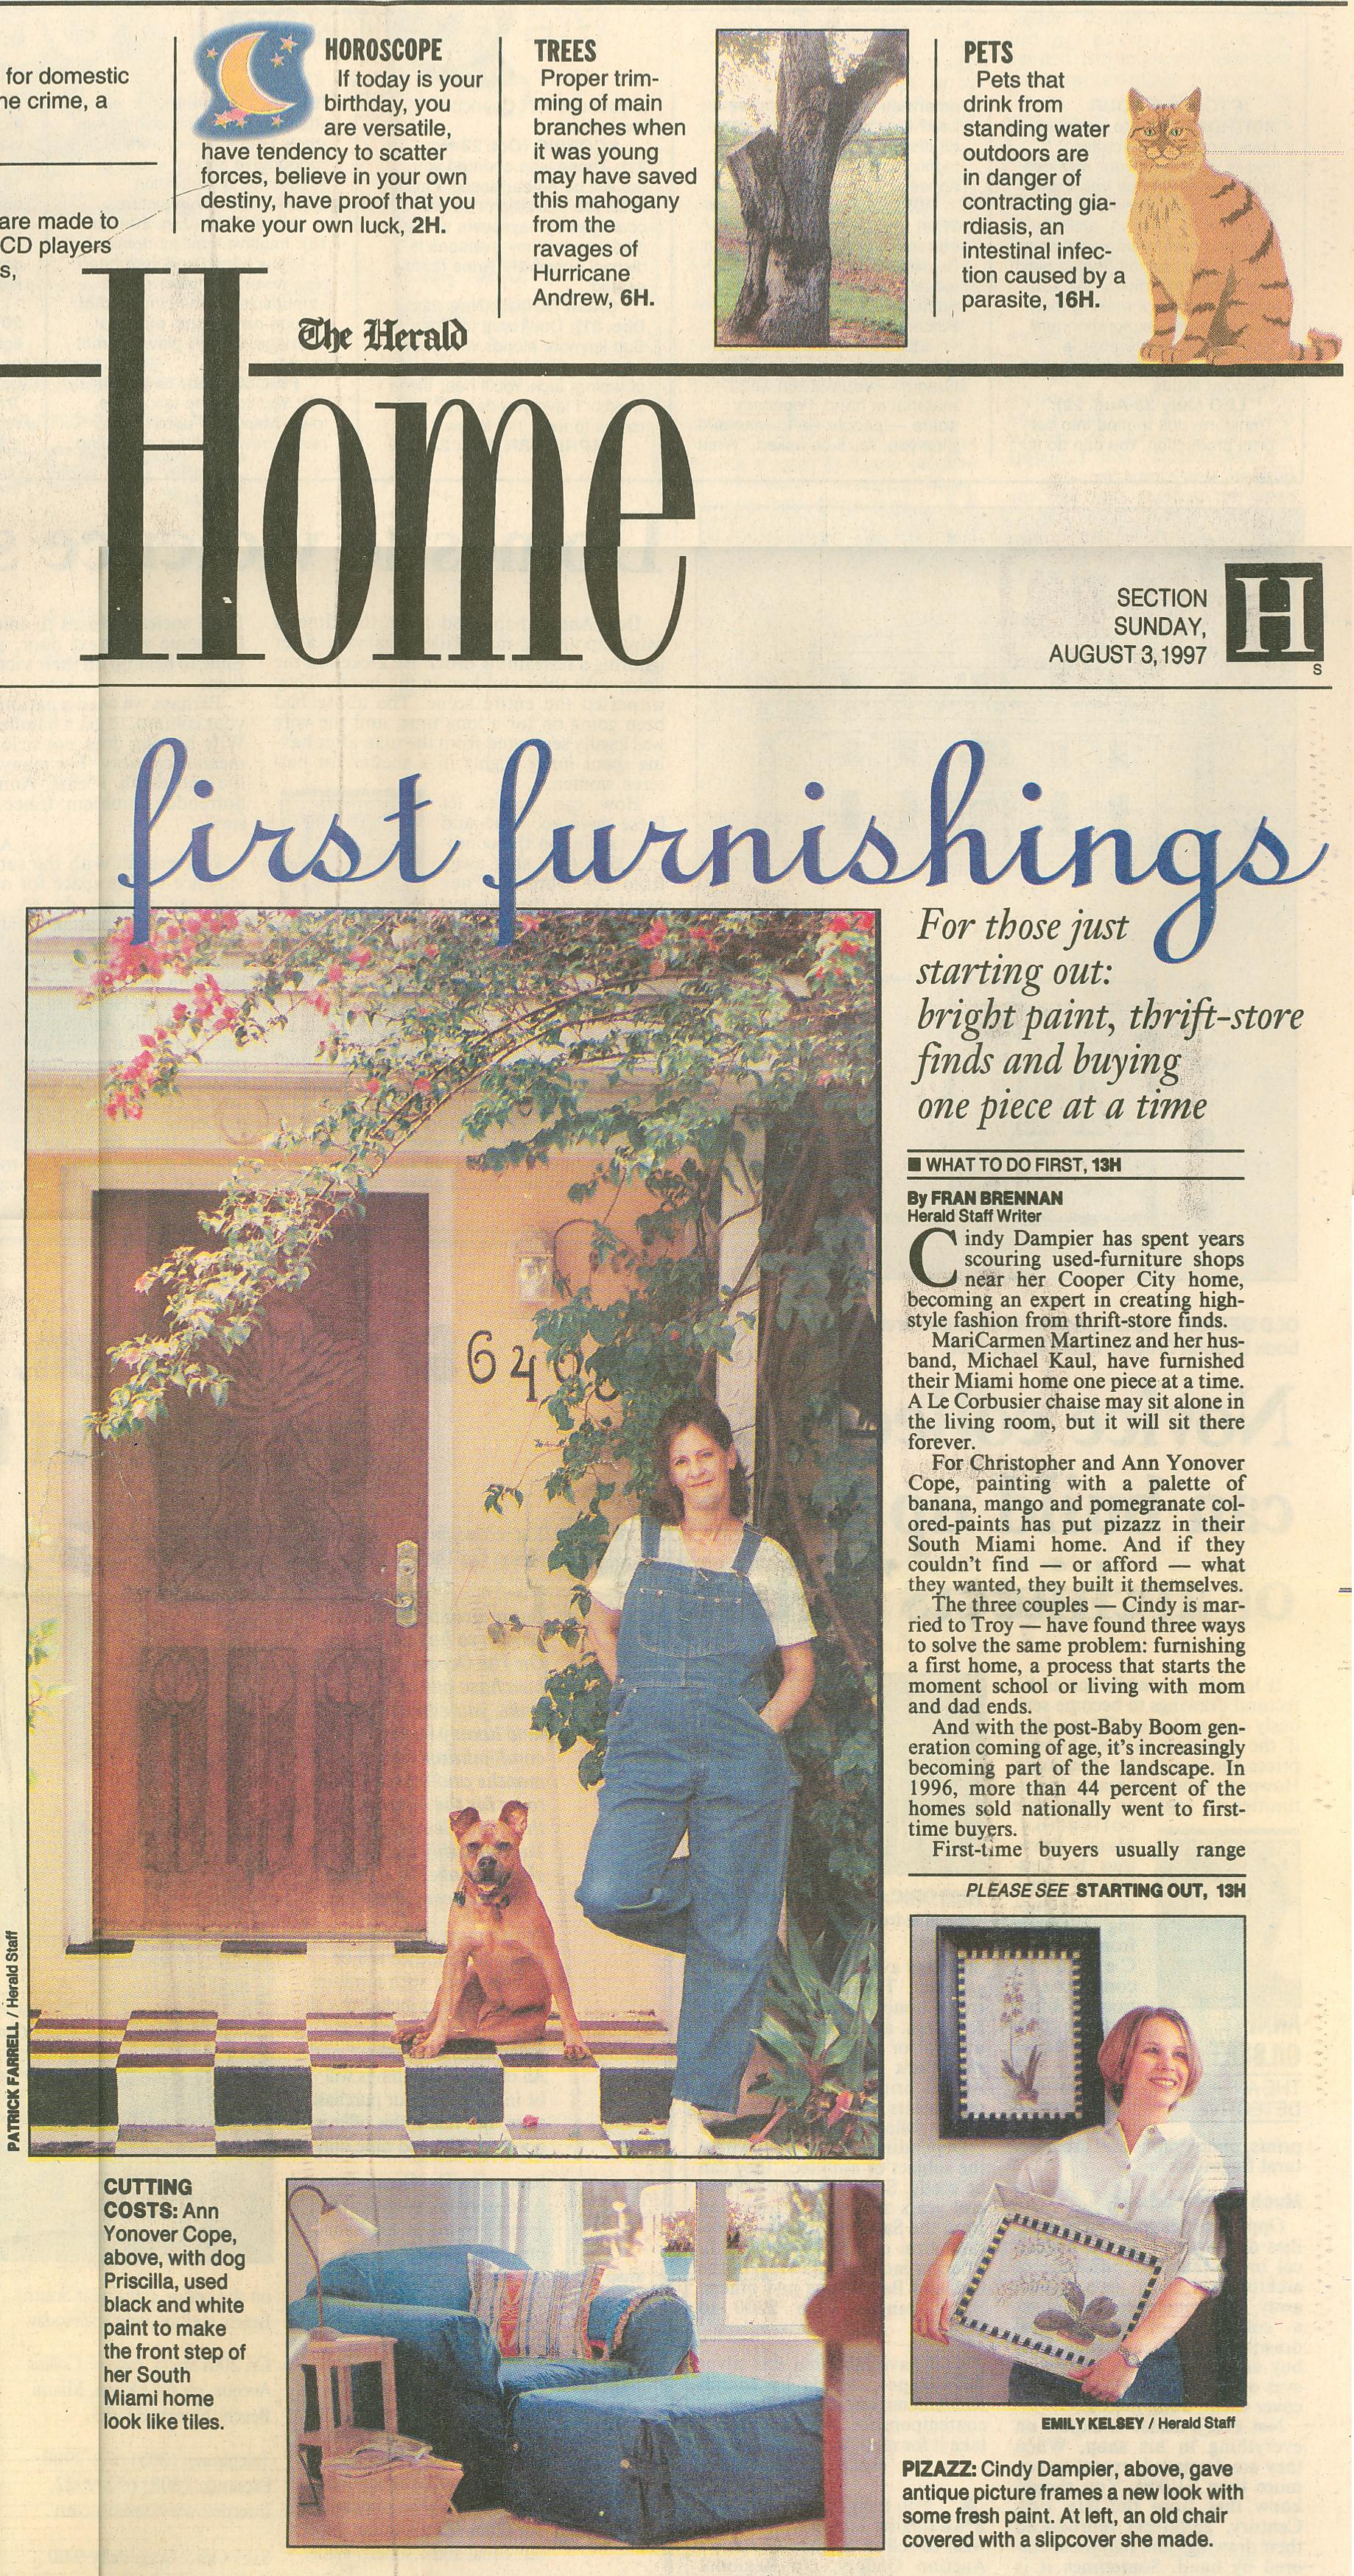 article 8.03.1997.jpg